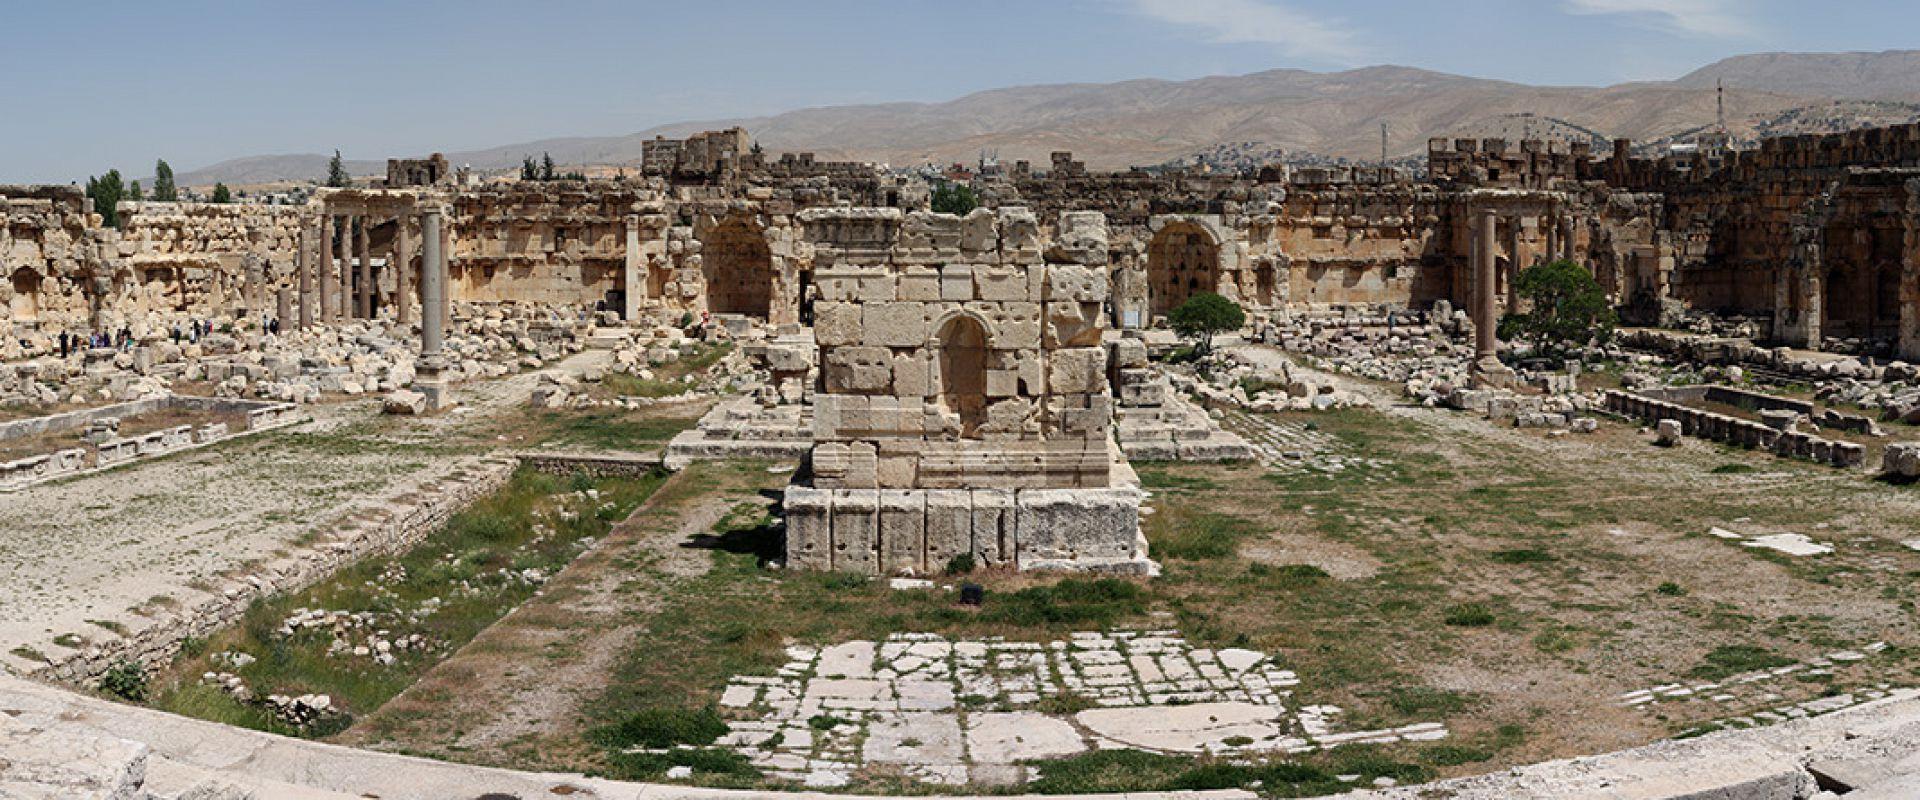 Baalbek Ruins Back in time.